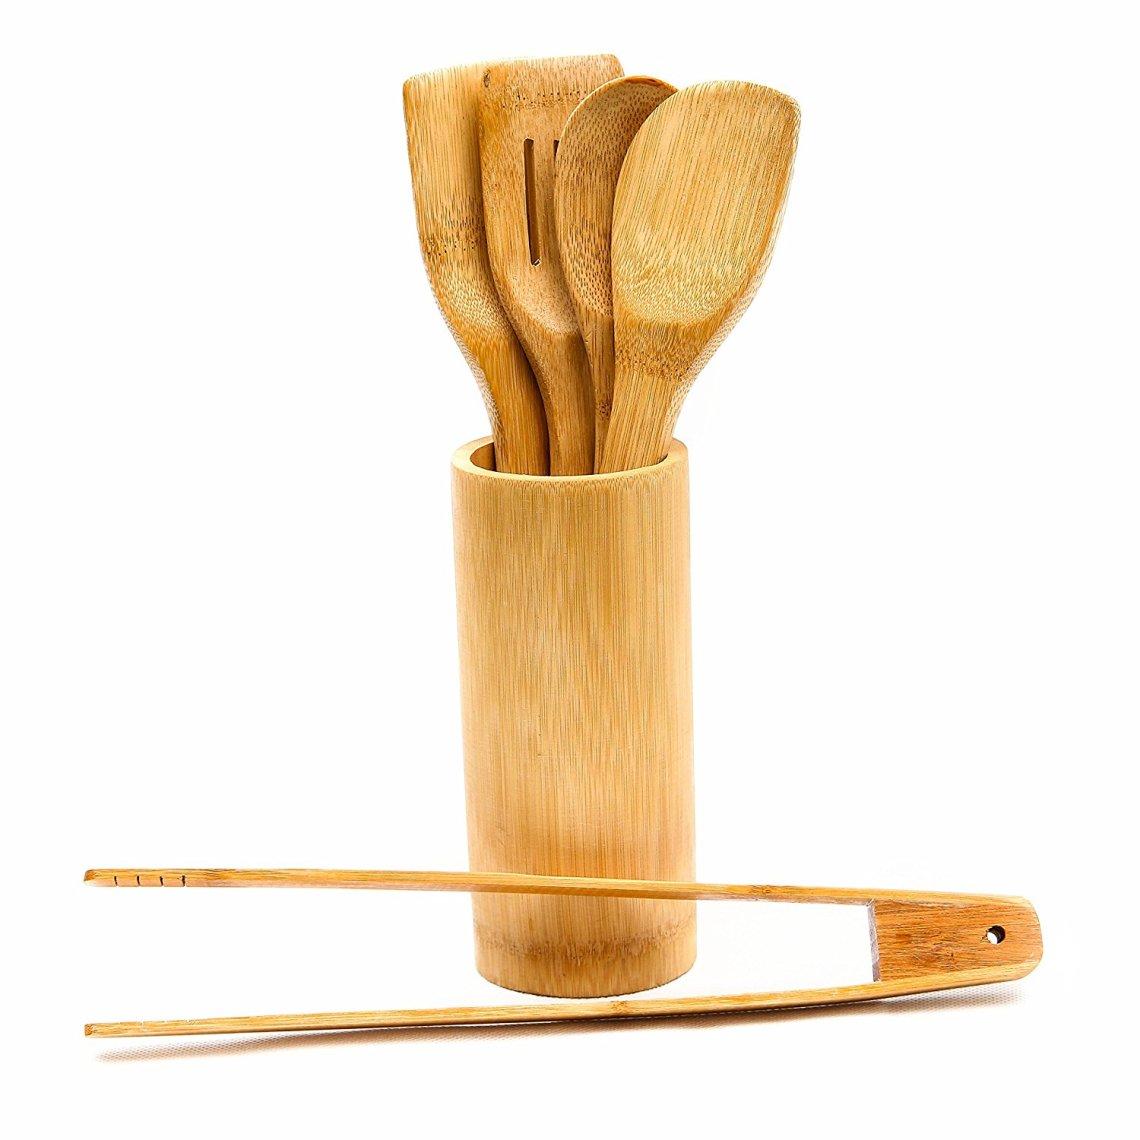 91LE1n4gRzL. SL1500 - On a testé : Les ustensiles de cuisine en bambou Artecsis